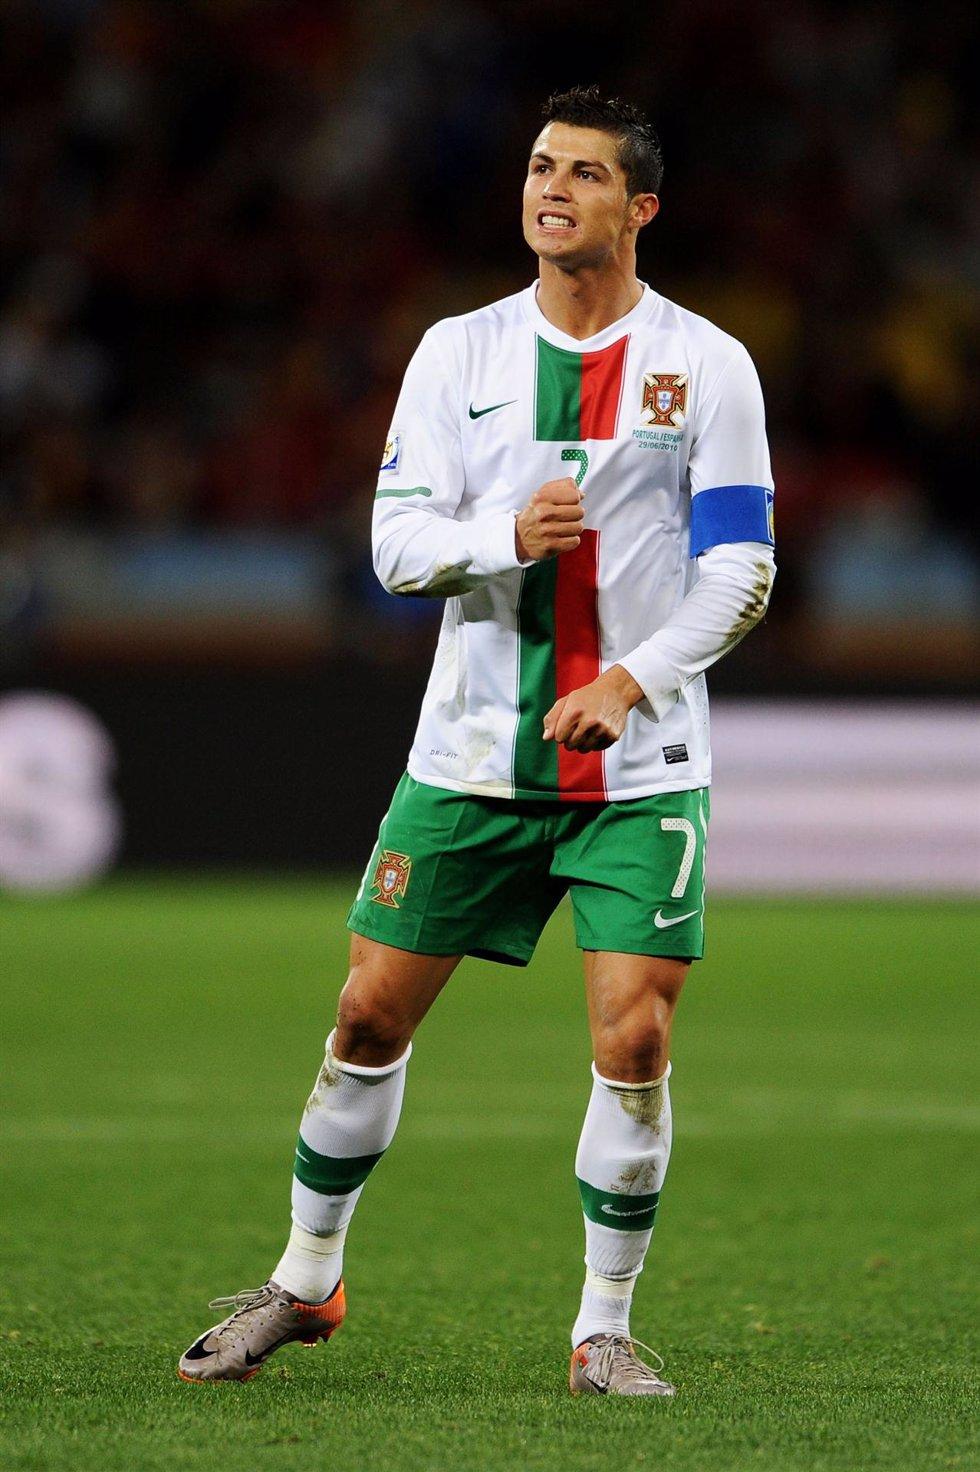 Cristiano Ronaldo en el mundial de Sudáfrica